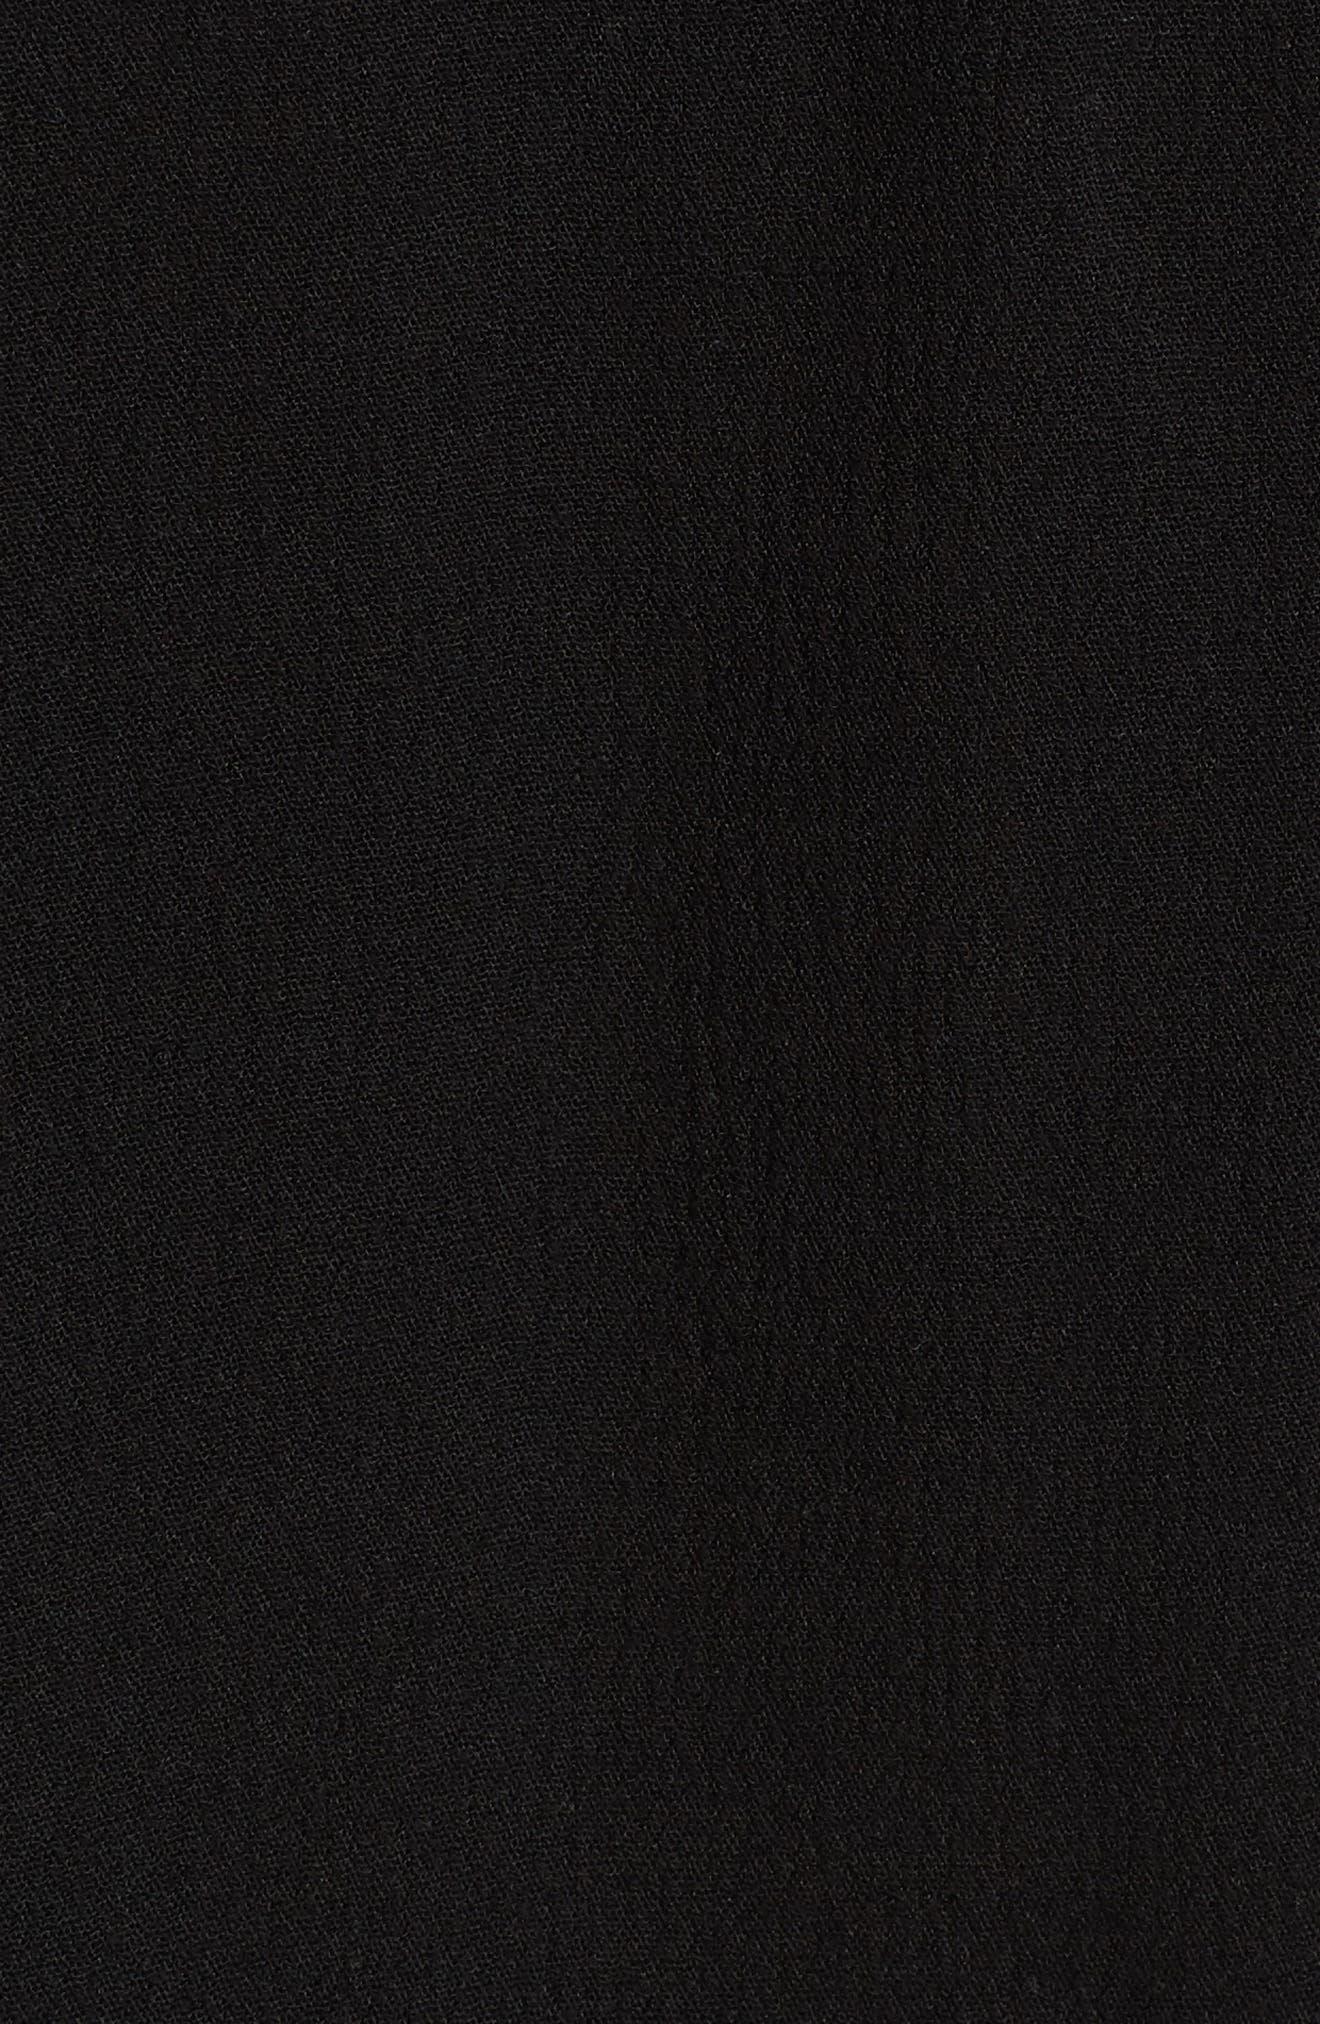 Amanda Peasant Top,                             Alternate thumbnail 6, color,                             003